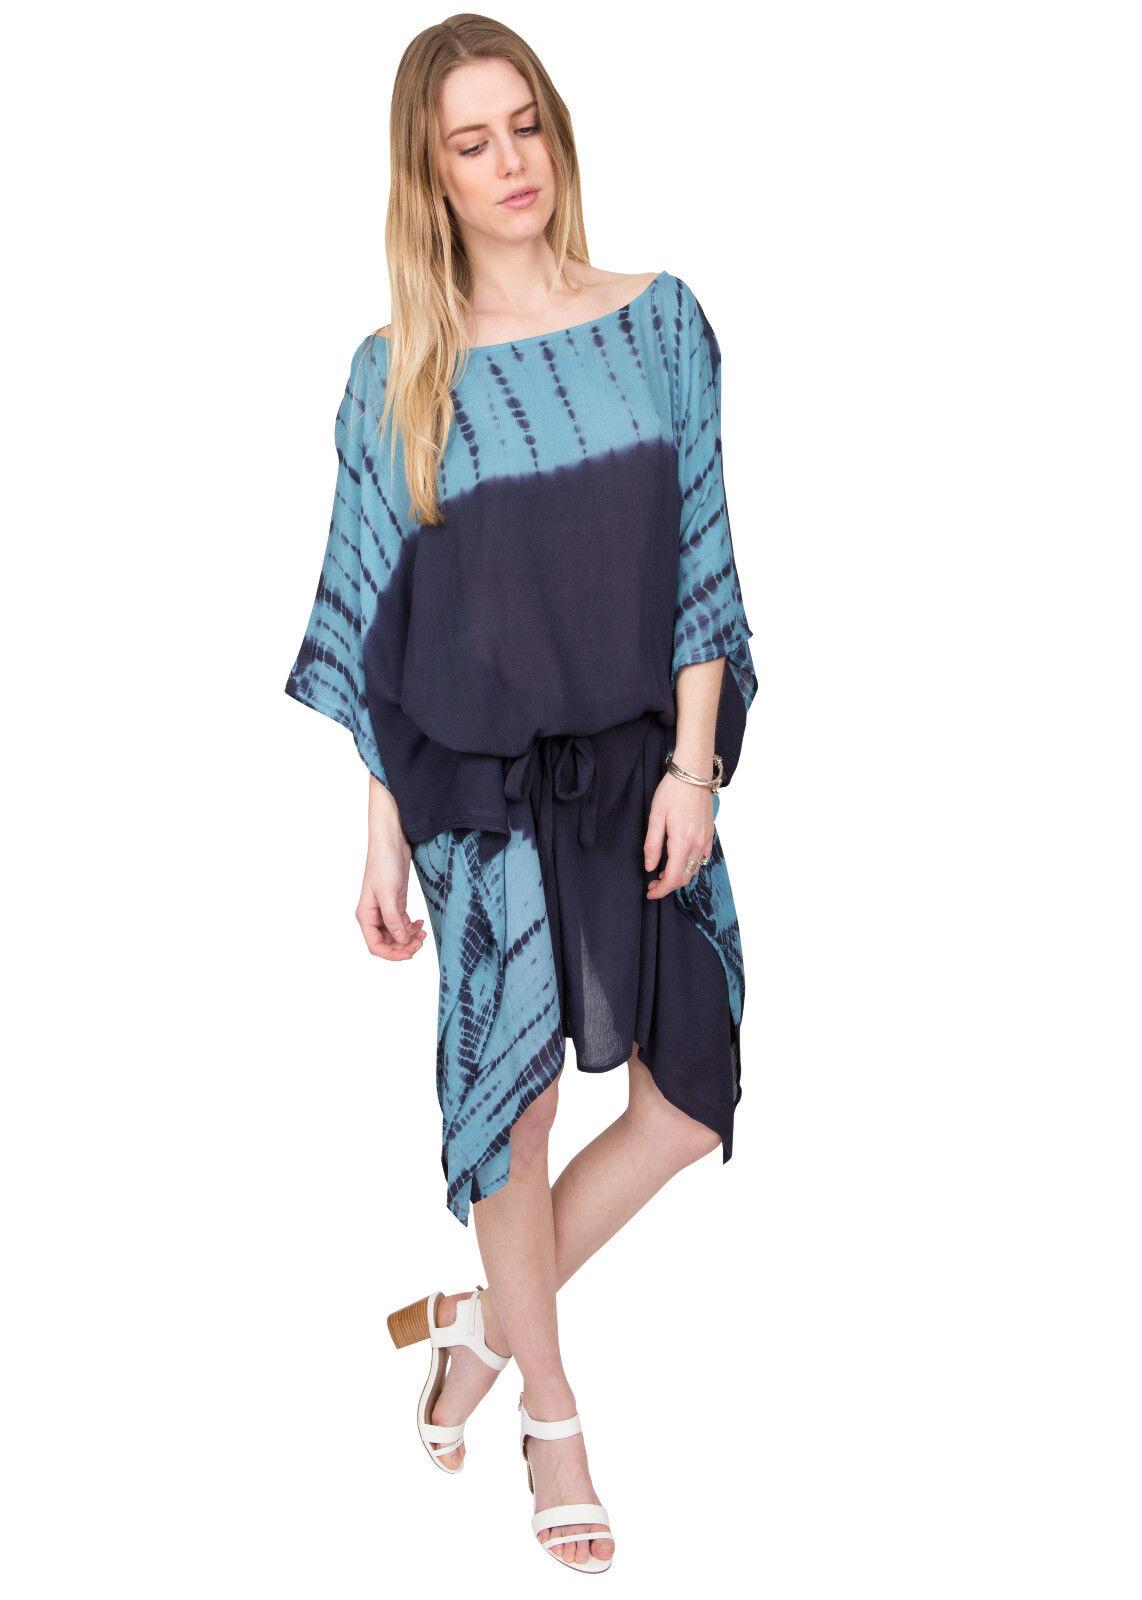 U-Stiefel-Ausschnitt Batik Kaftan blau blau blau | Online-Exportgeschäft  | Spezielle Funktion  | Exzellente Verarbeitung  | Moderne Muster  | New Style  7204ae